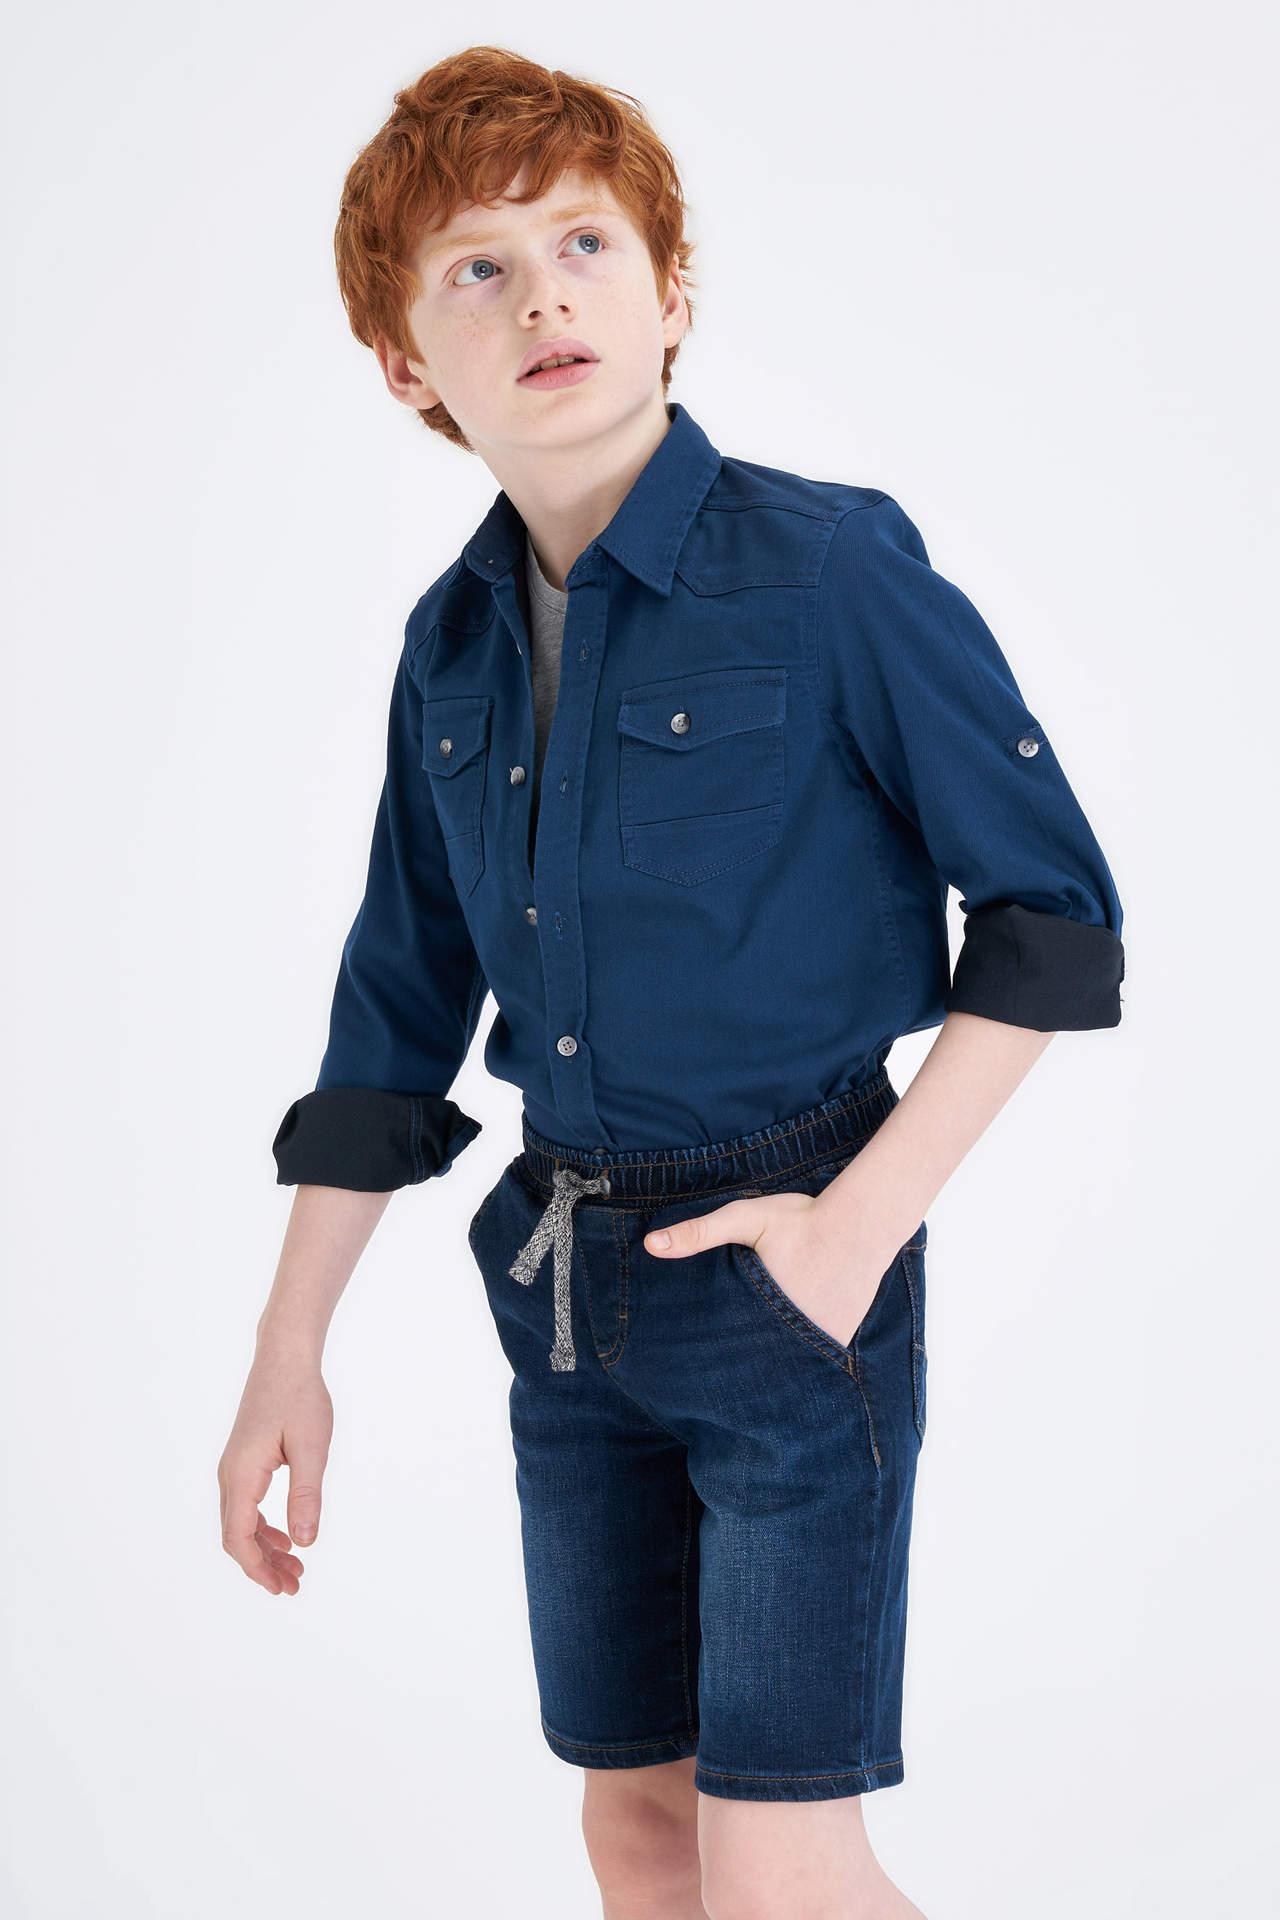 DeFacto Erkek Çocuk Kolları Katlanabilir Jean Gömlek Mavi male